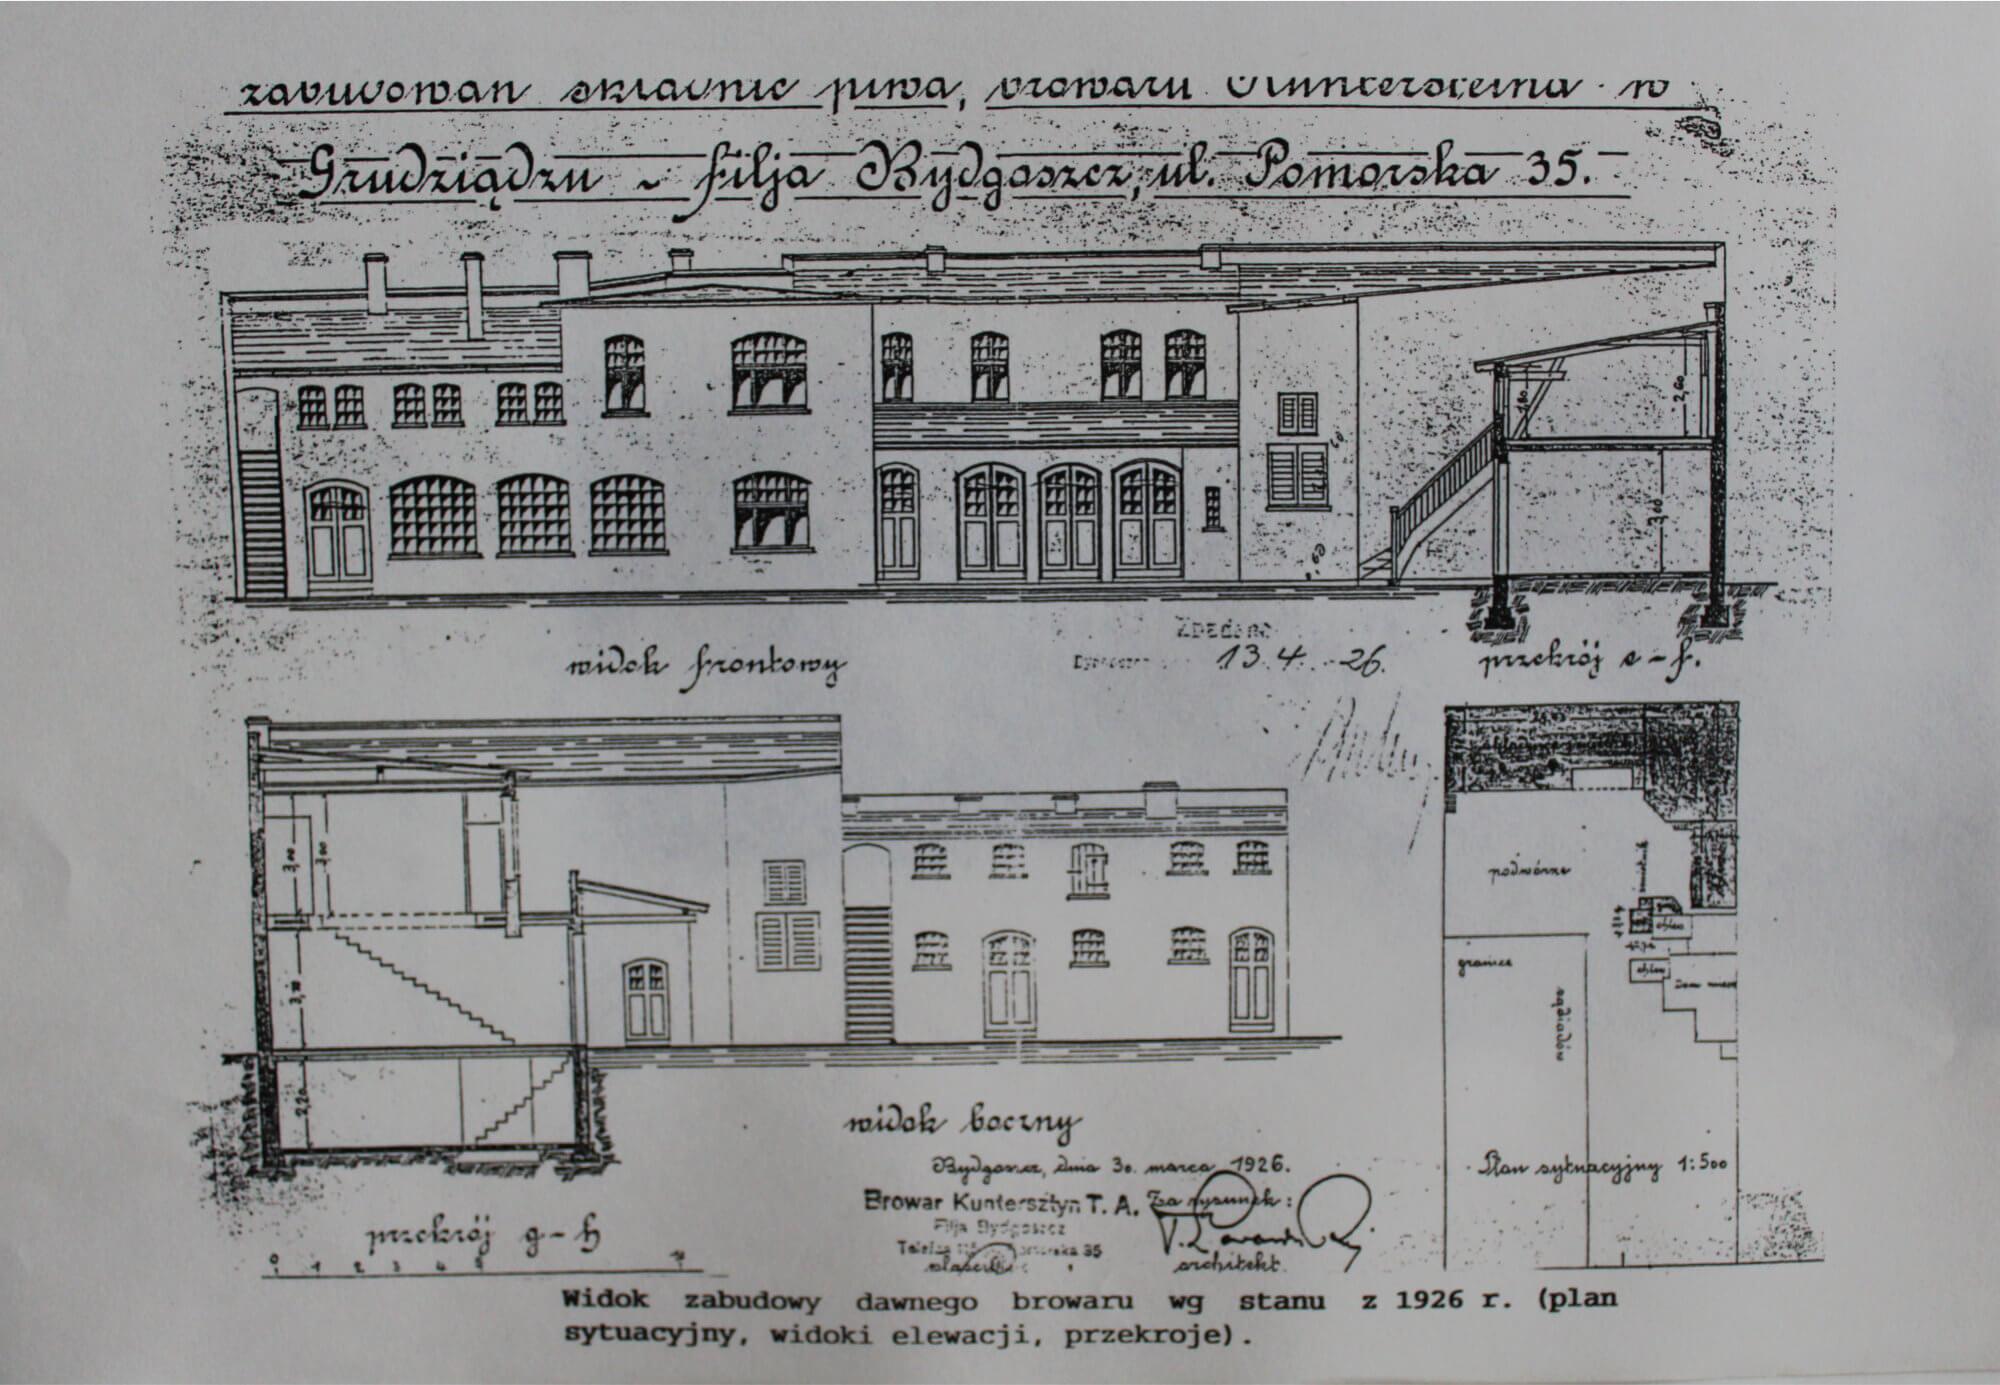 Widok zabudowy dawnego browaru w 1926